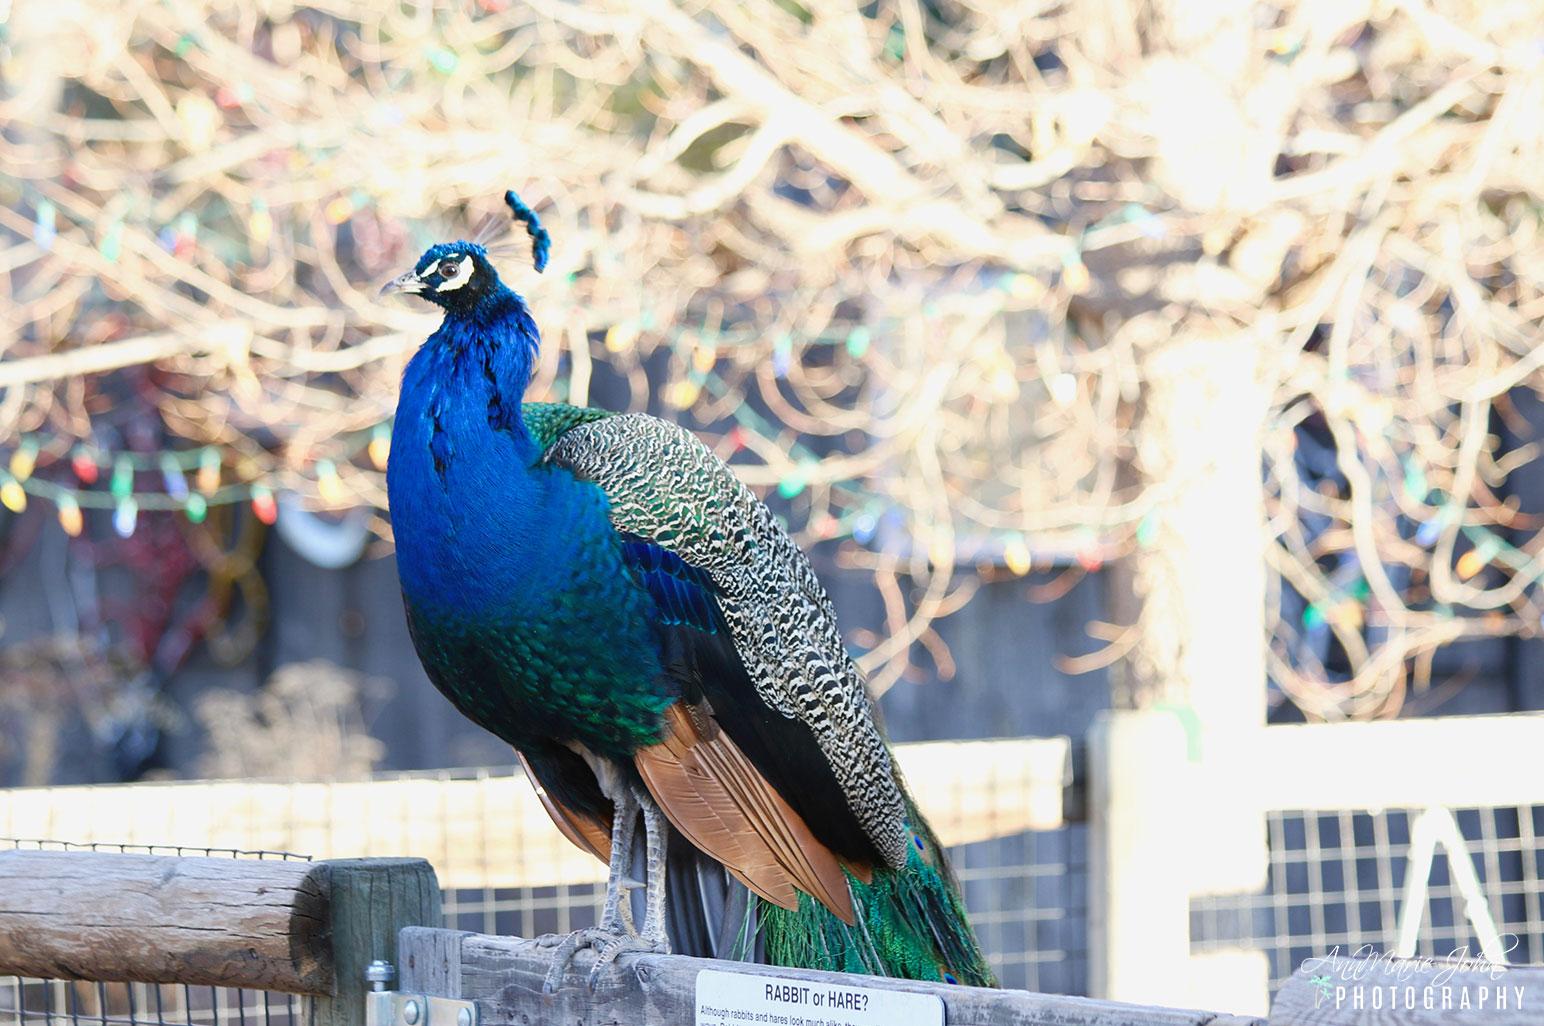 The Pueblo Zoo in Pueblo, Colorado